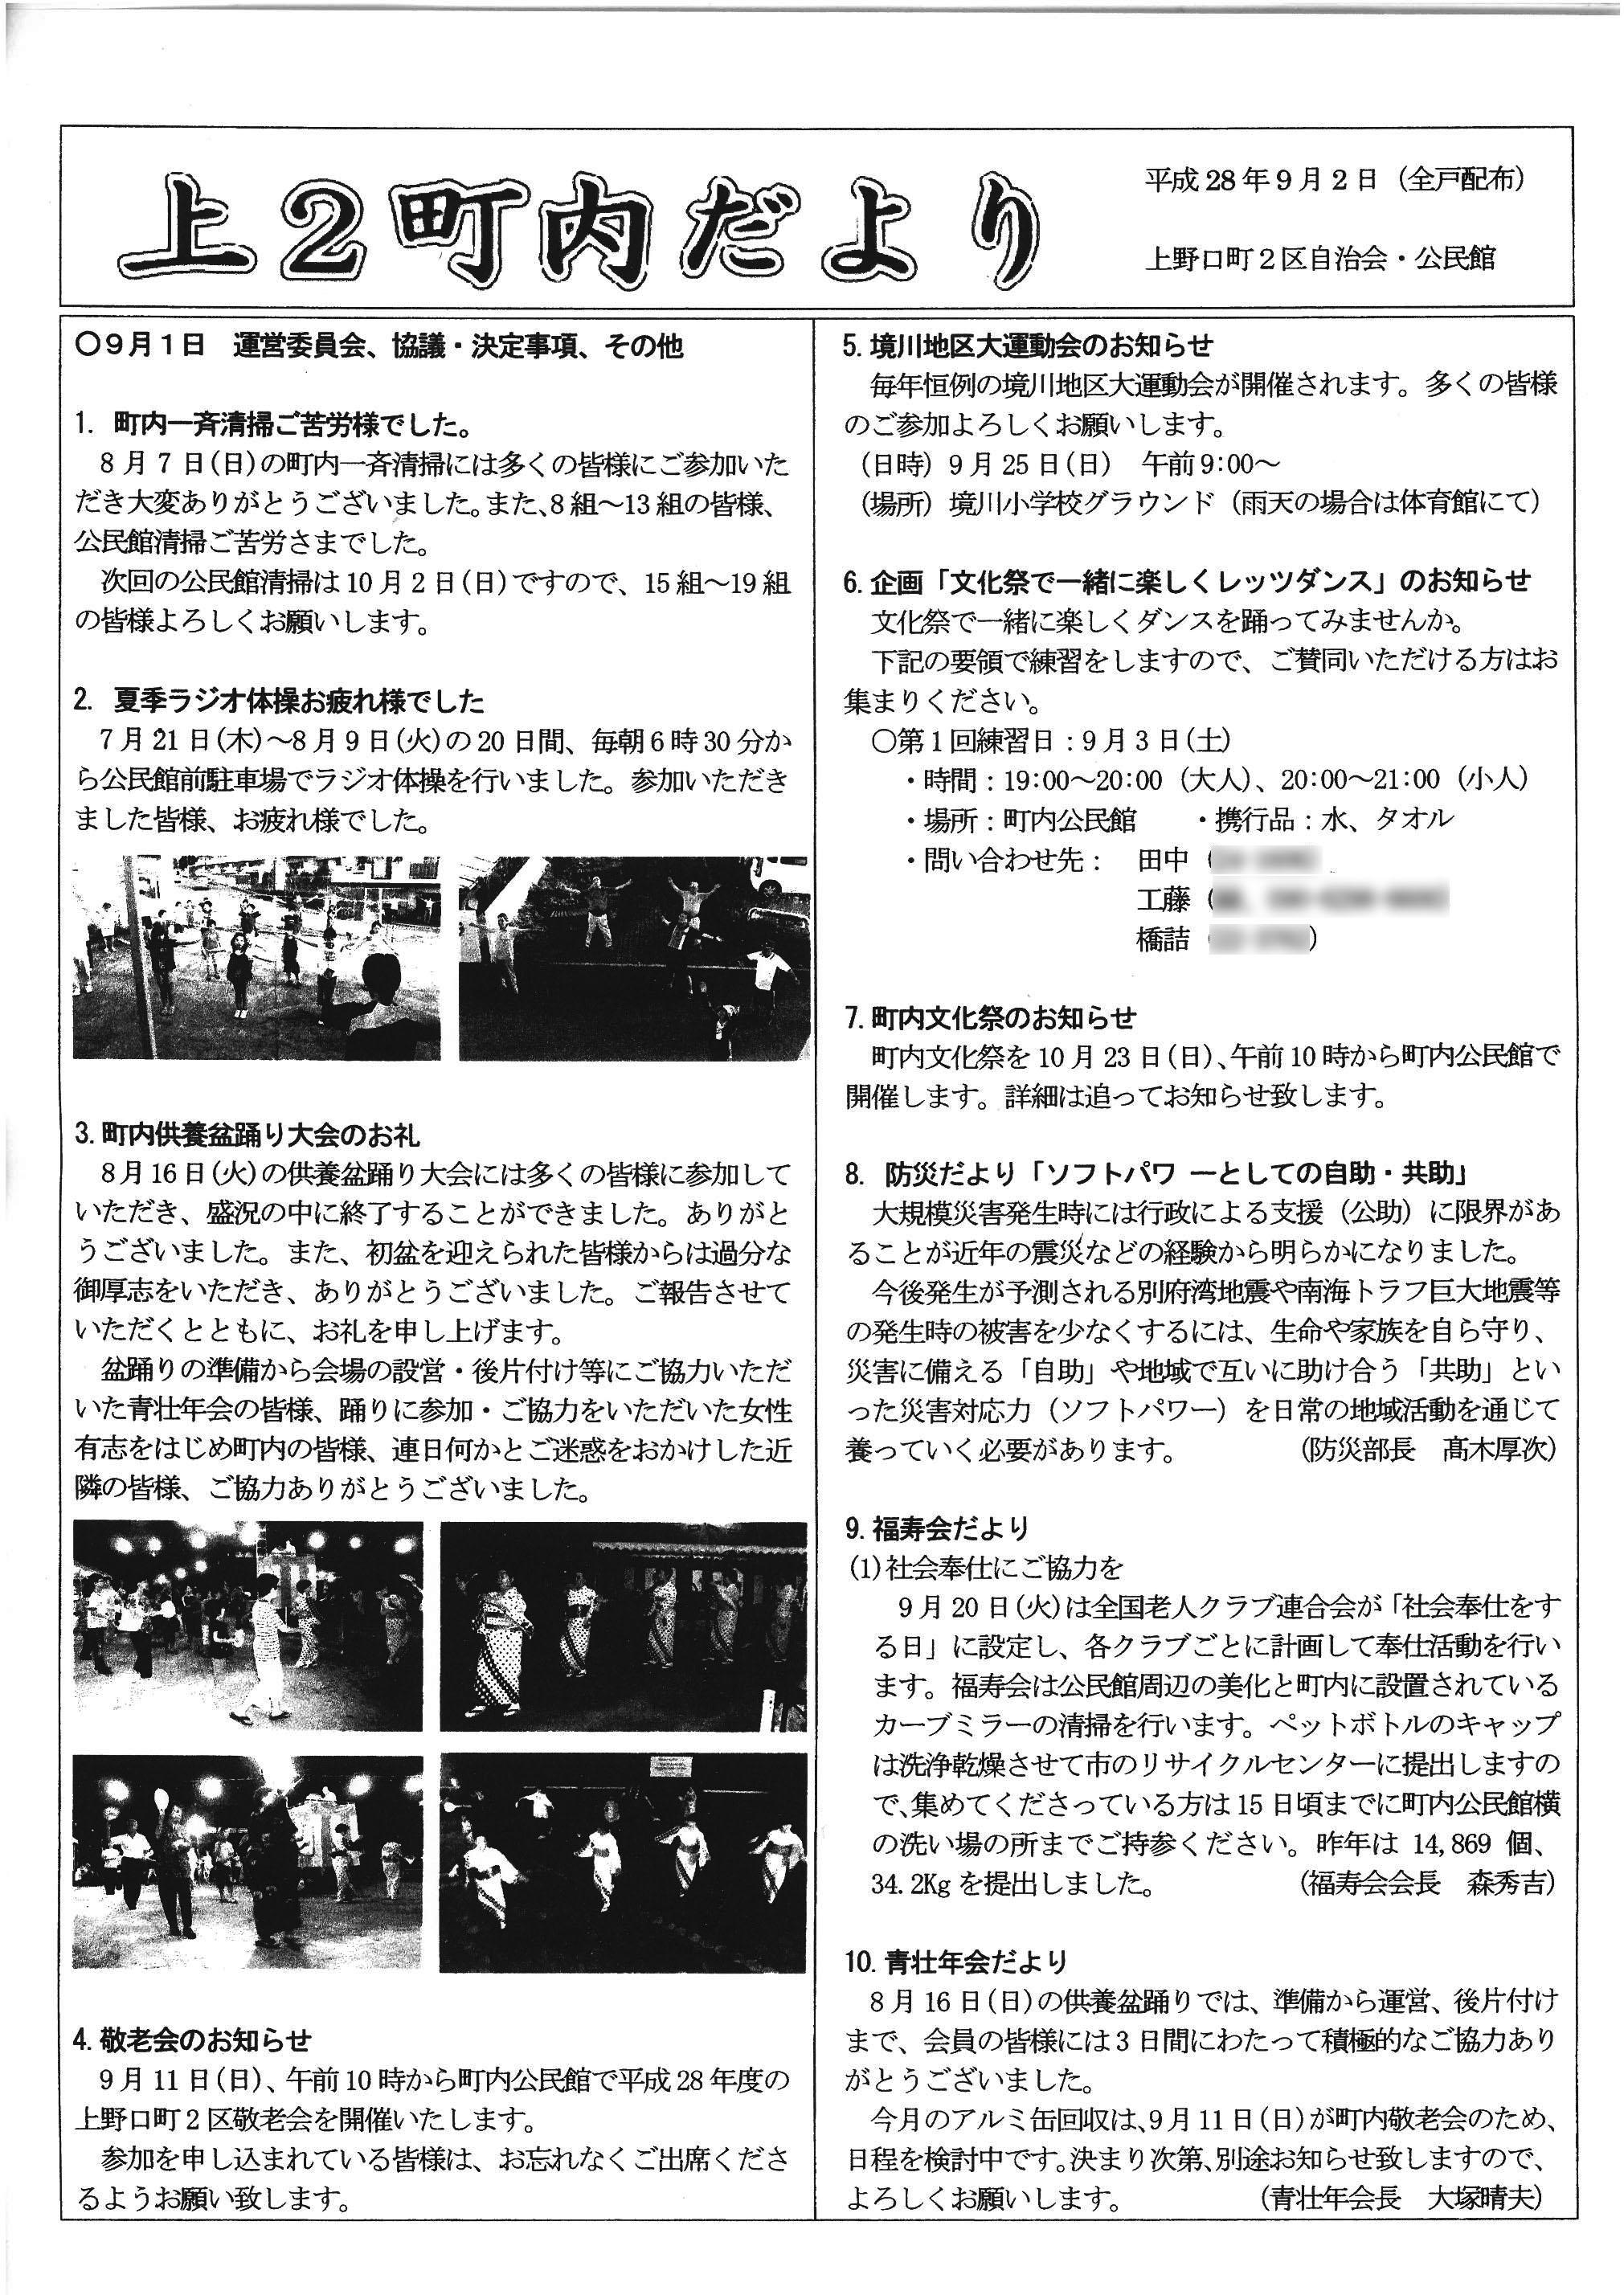 201609kaminoguchi